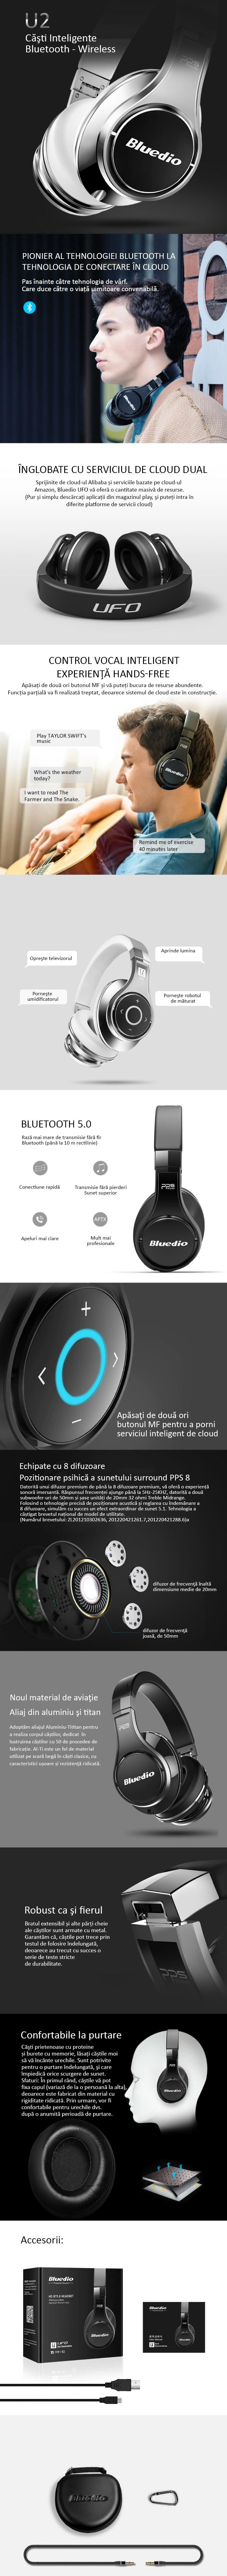 bluedio-ufo-211ff4cfb5cd0a3a1.jpg